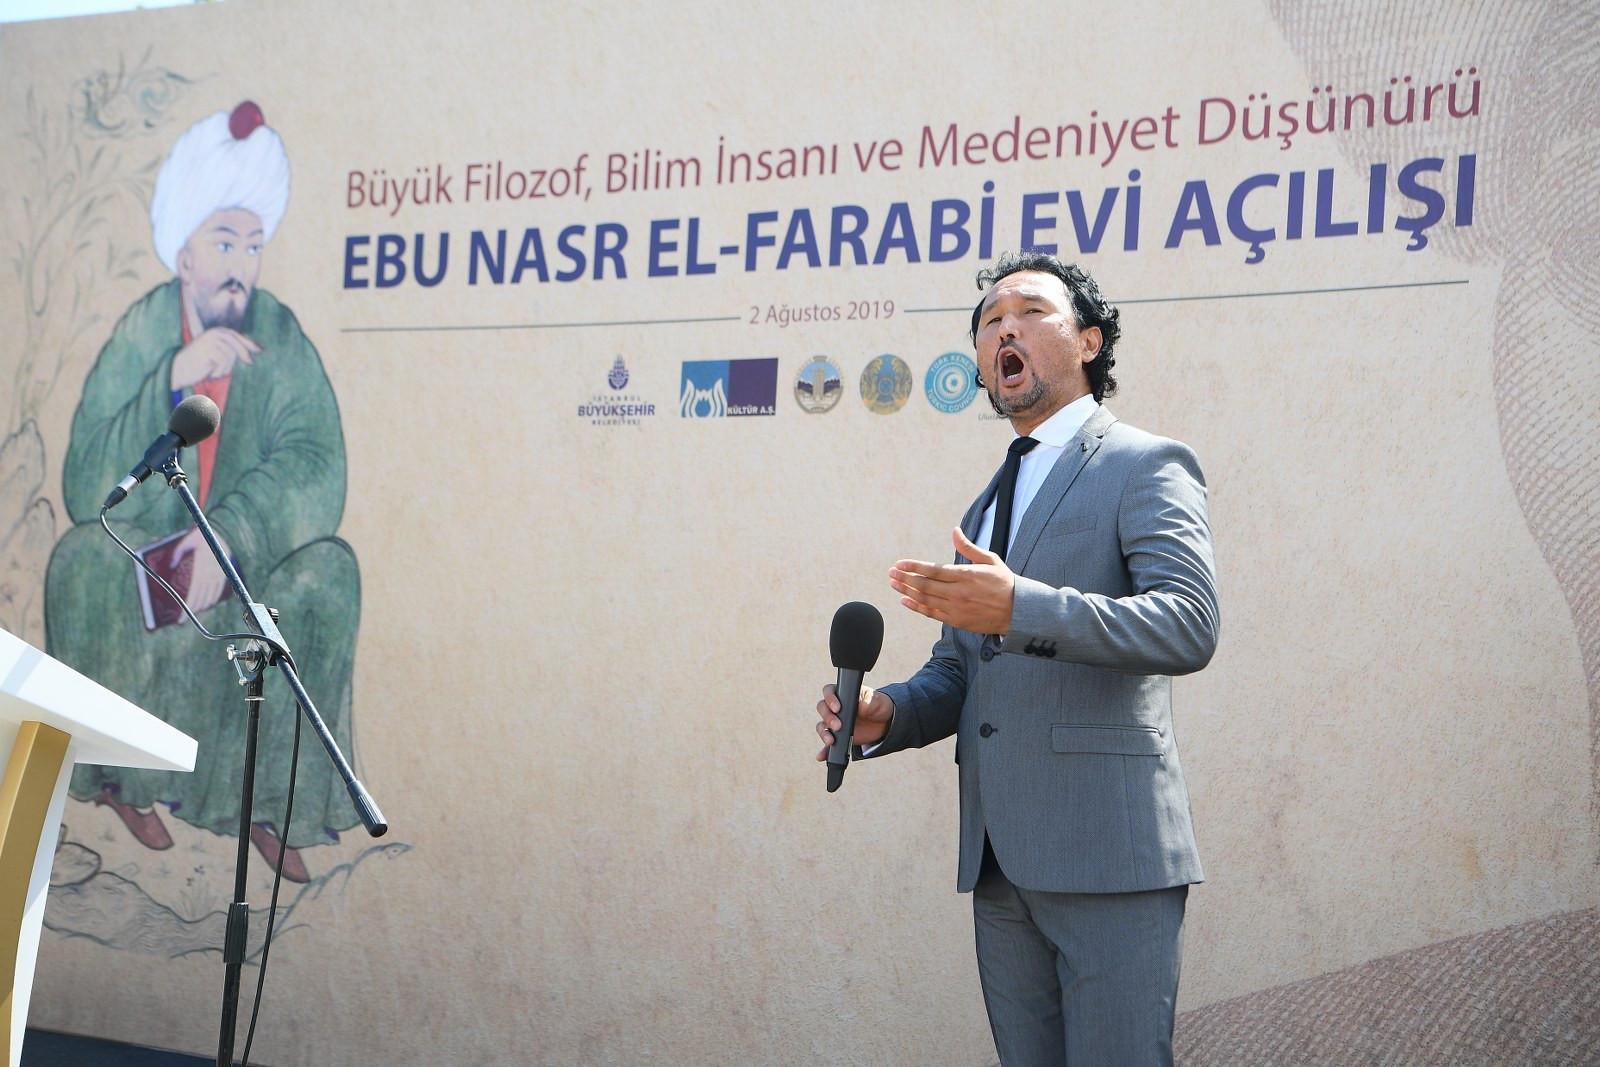 Ebu Nasr El Farabi Evi açıldı Galeri - 11. Resim